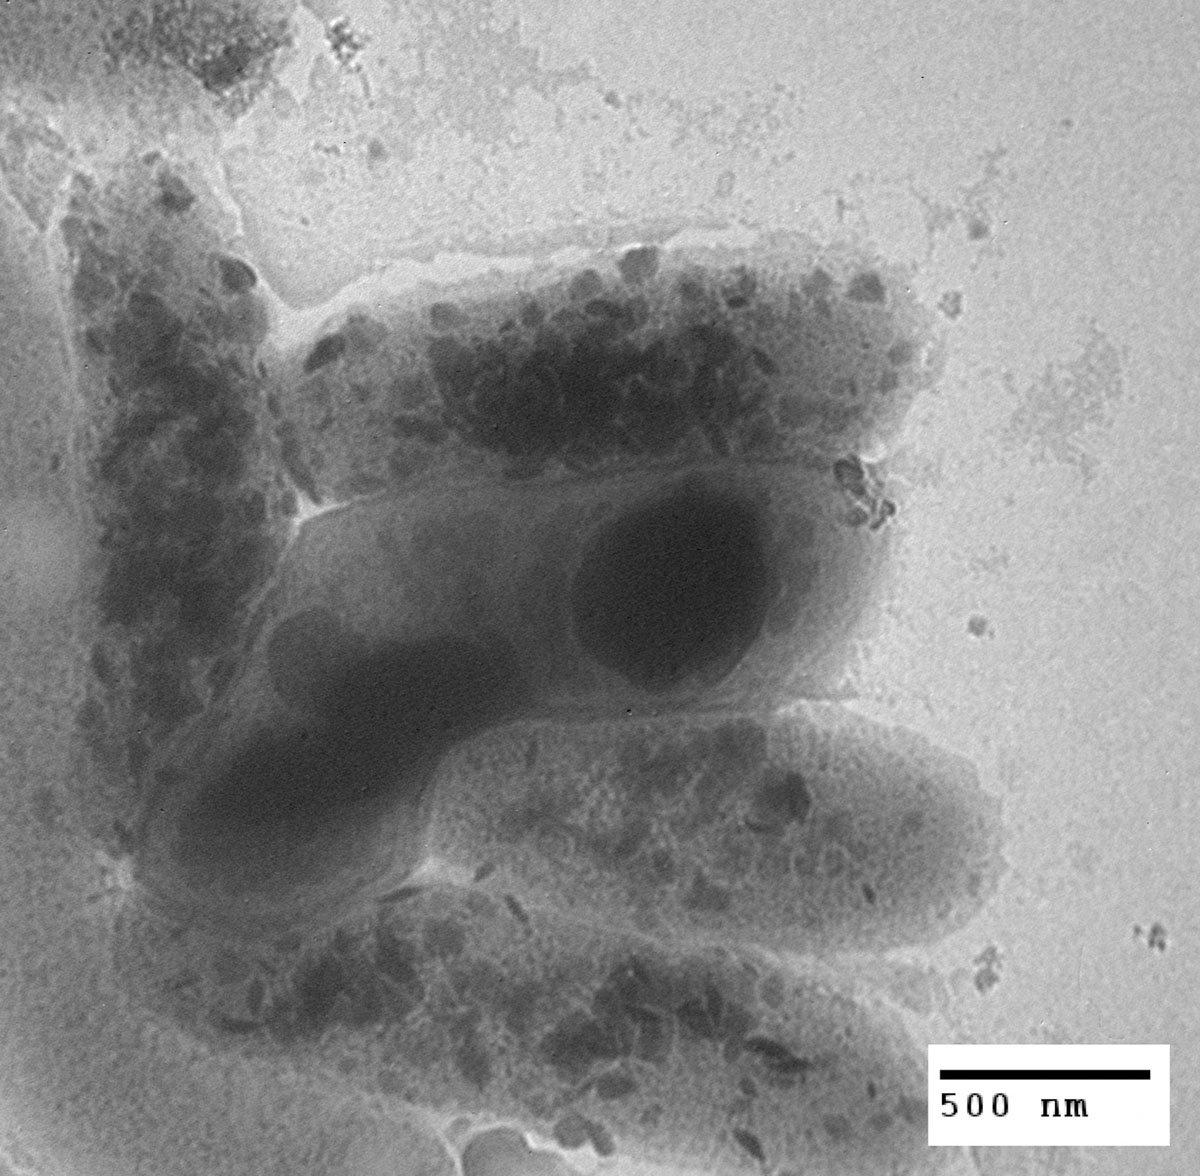 Bacteria_xForm.jpg#asset:573